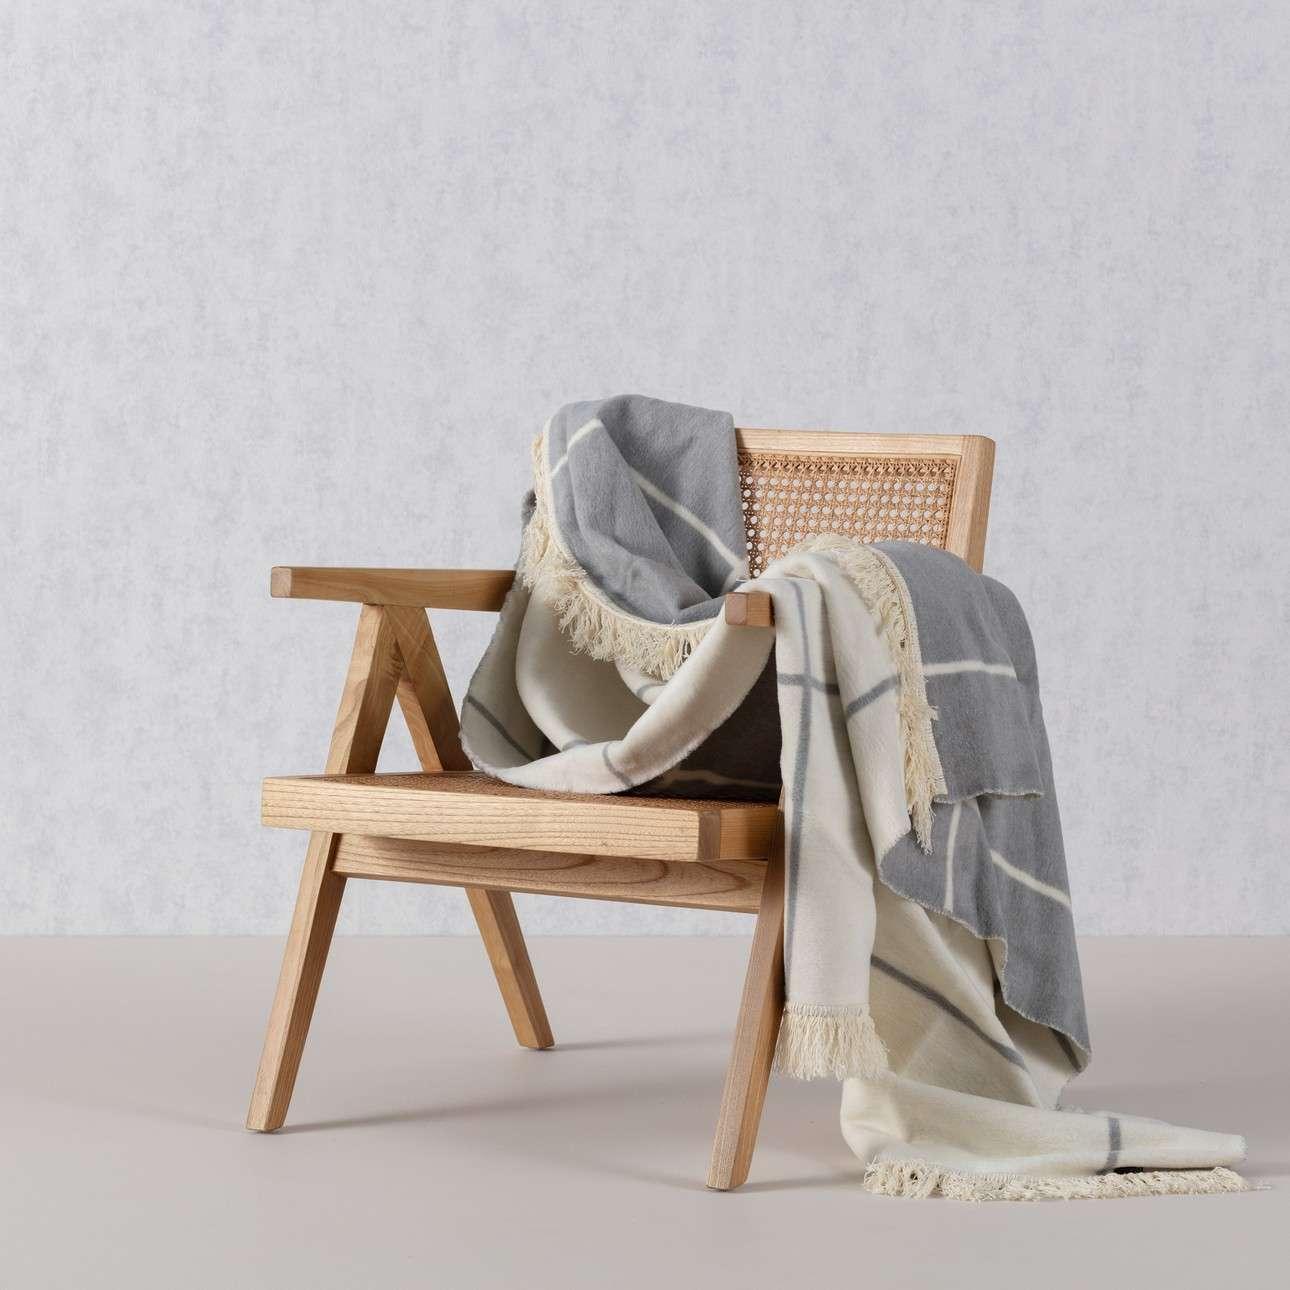 Deka Cotton Cloud 150x200 Grey&Ecru Check